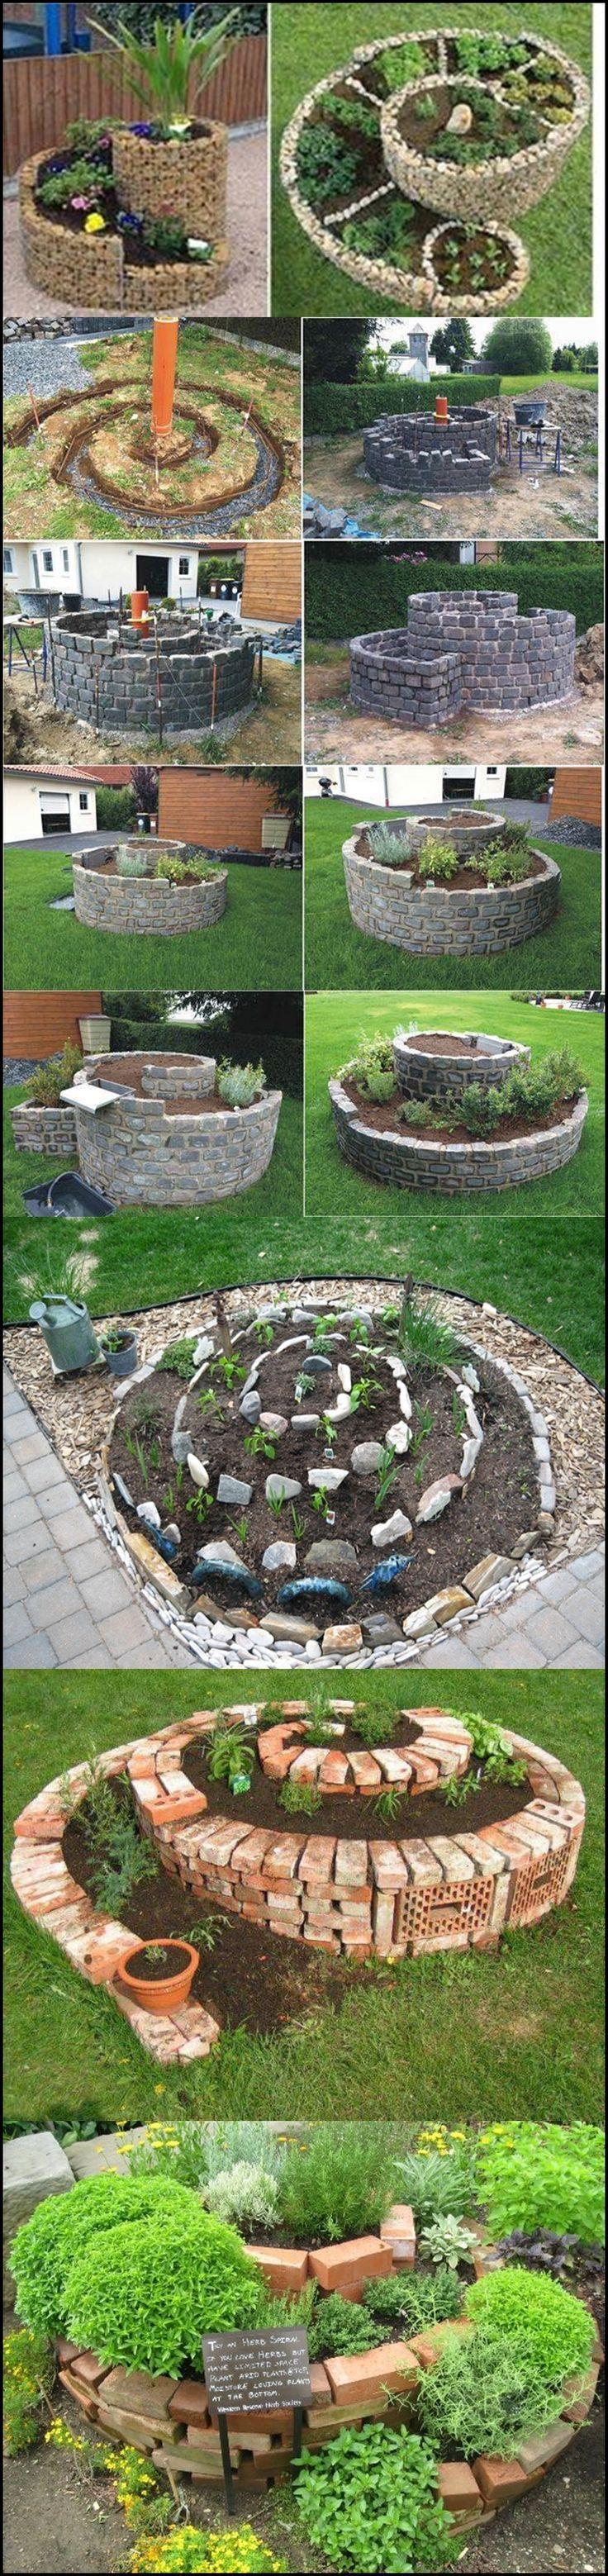 Spiral HERB M Wonder DIY Spiral Herb Garden